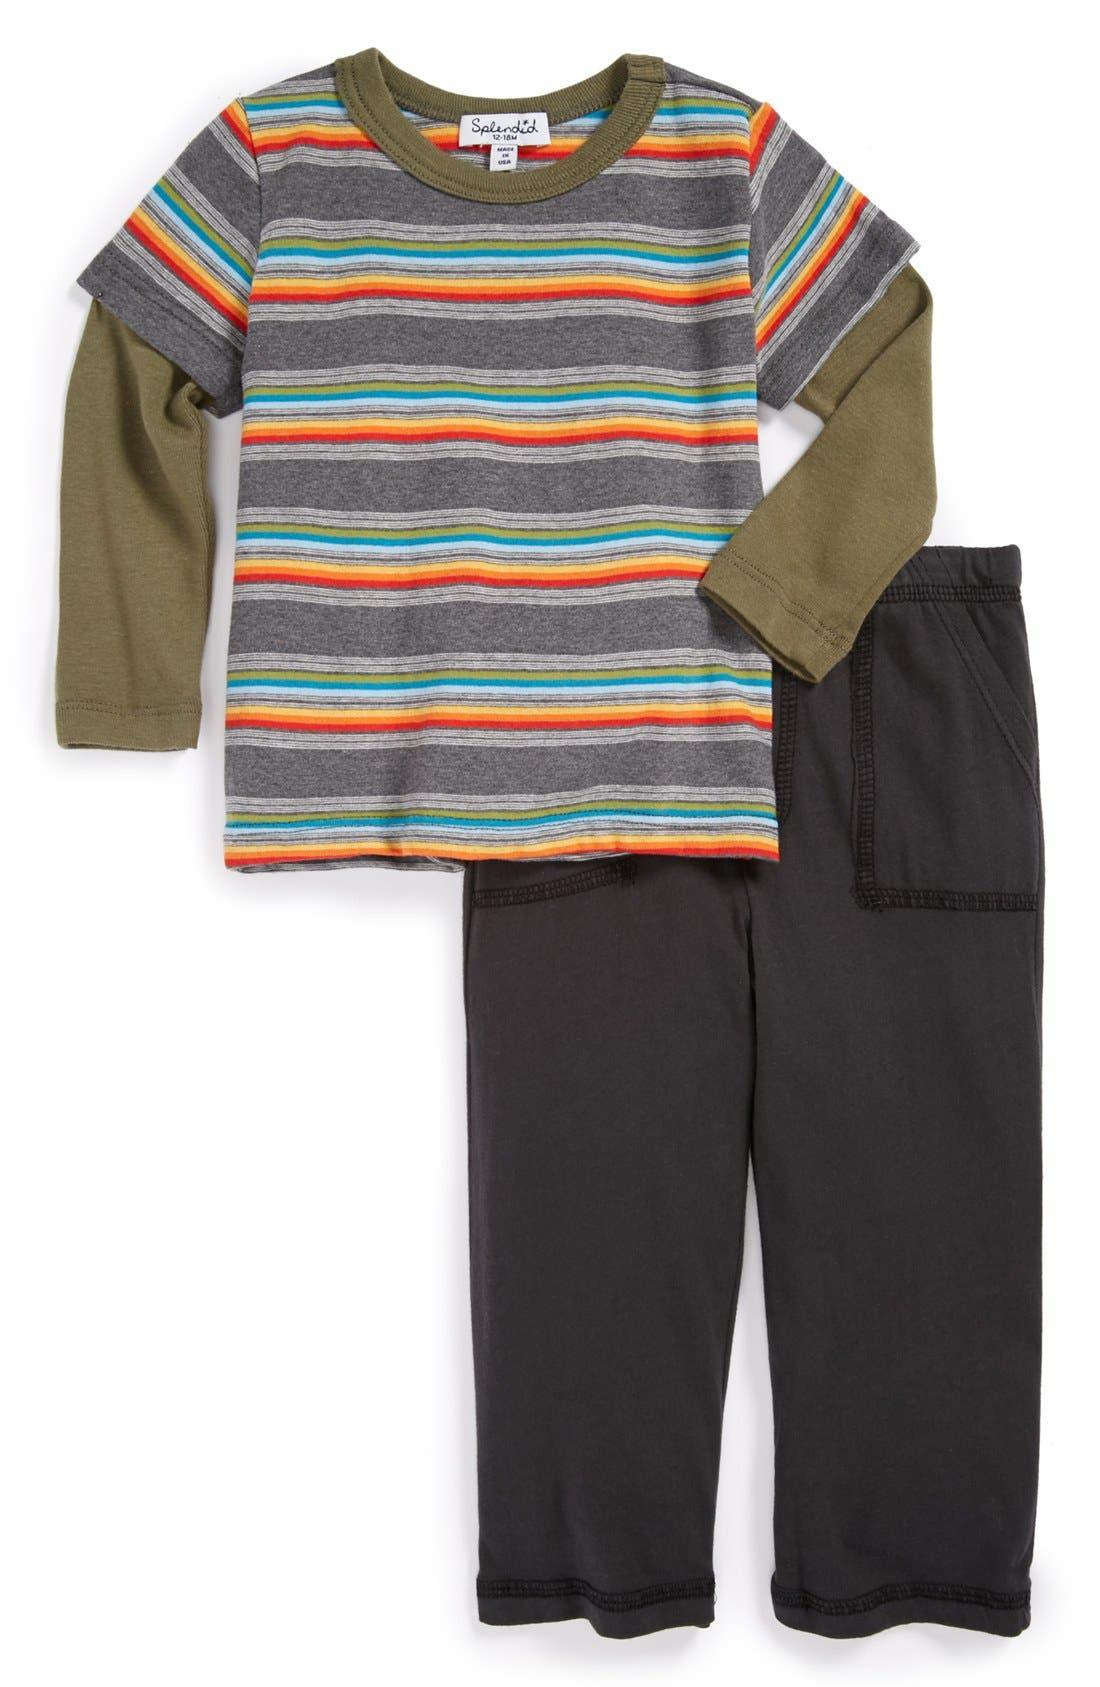 Alternate Image 1 Selected - Splendid 'Twofer' Top & Pants (Baby)